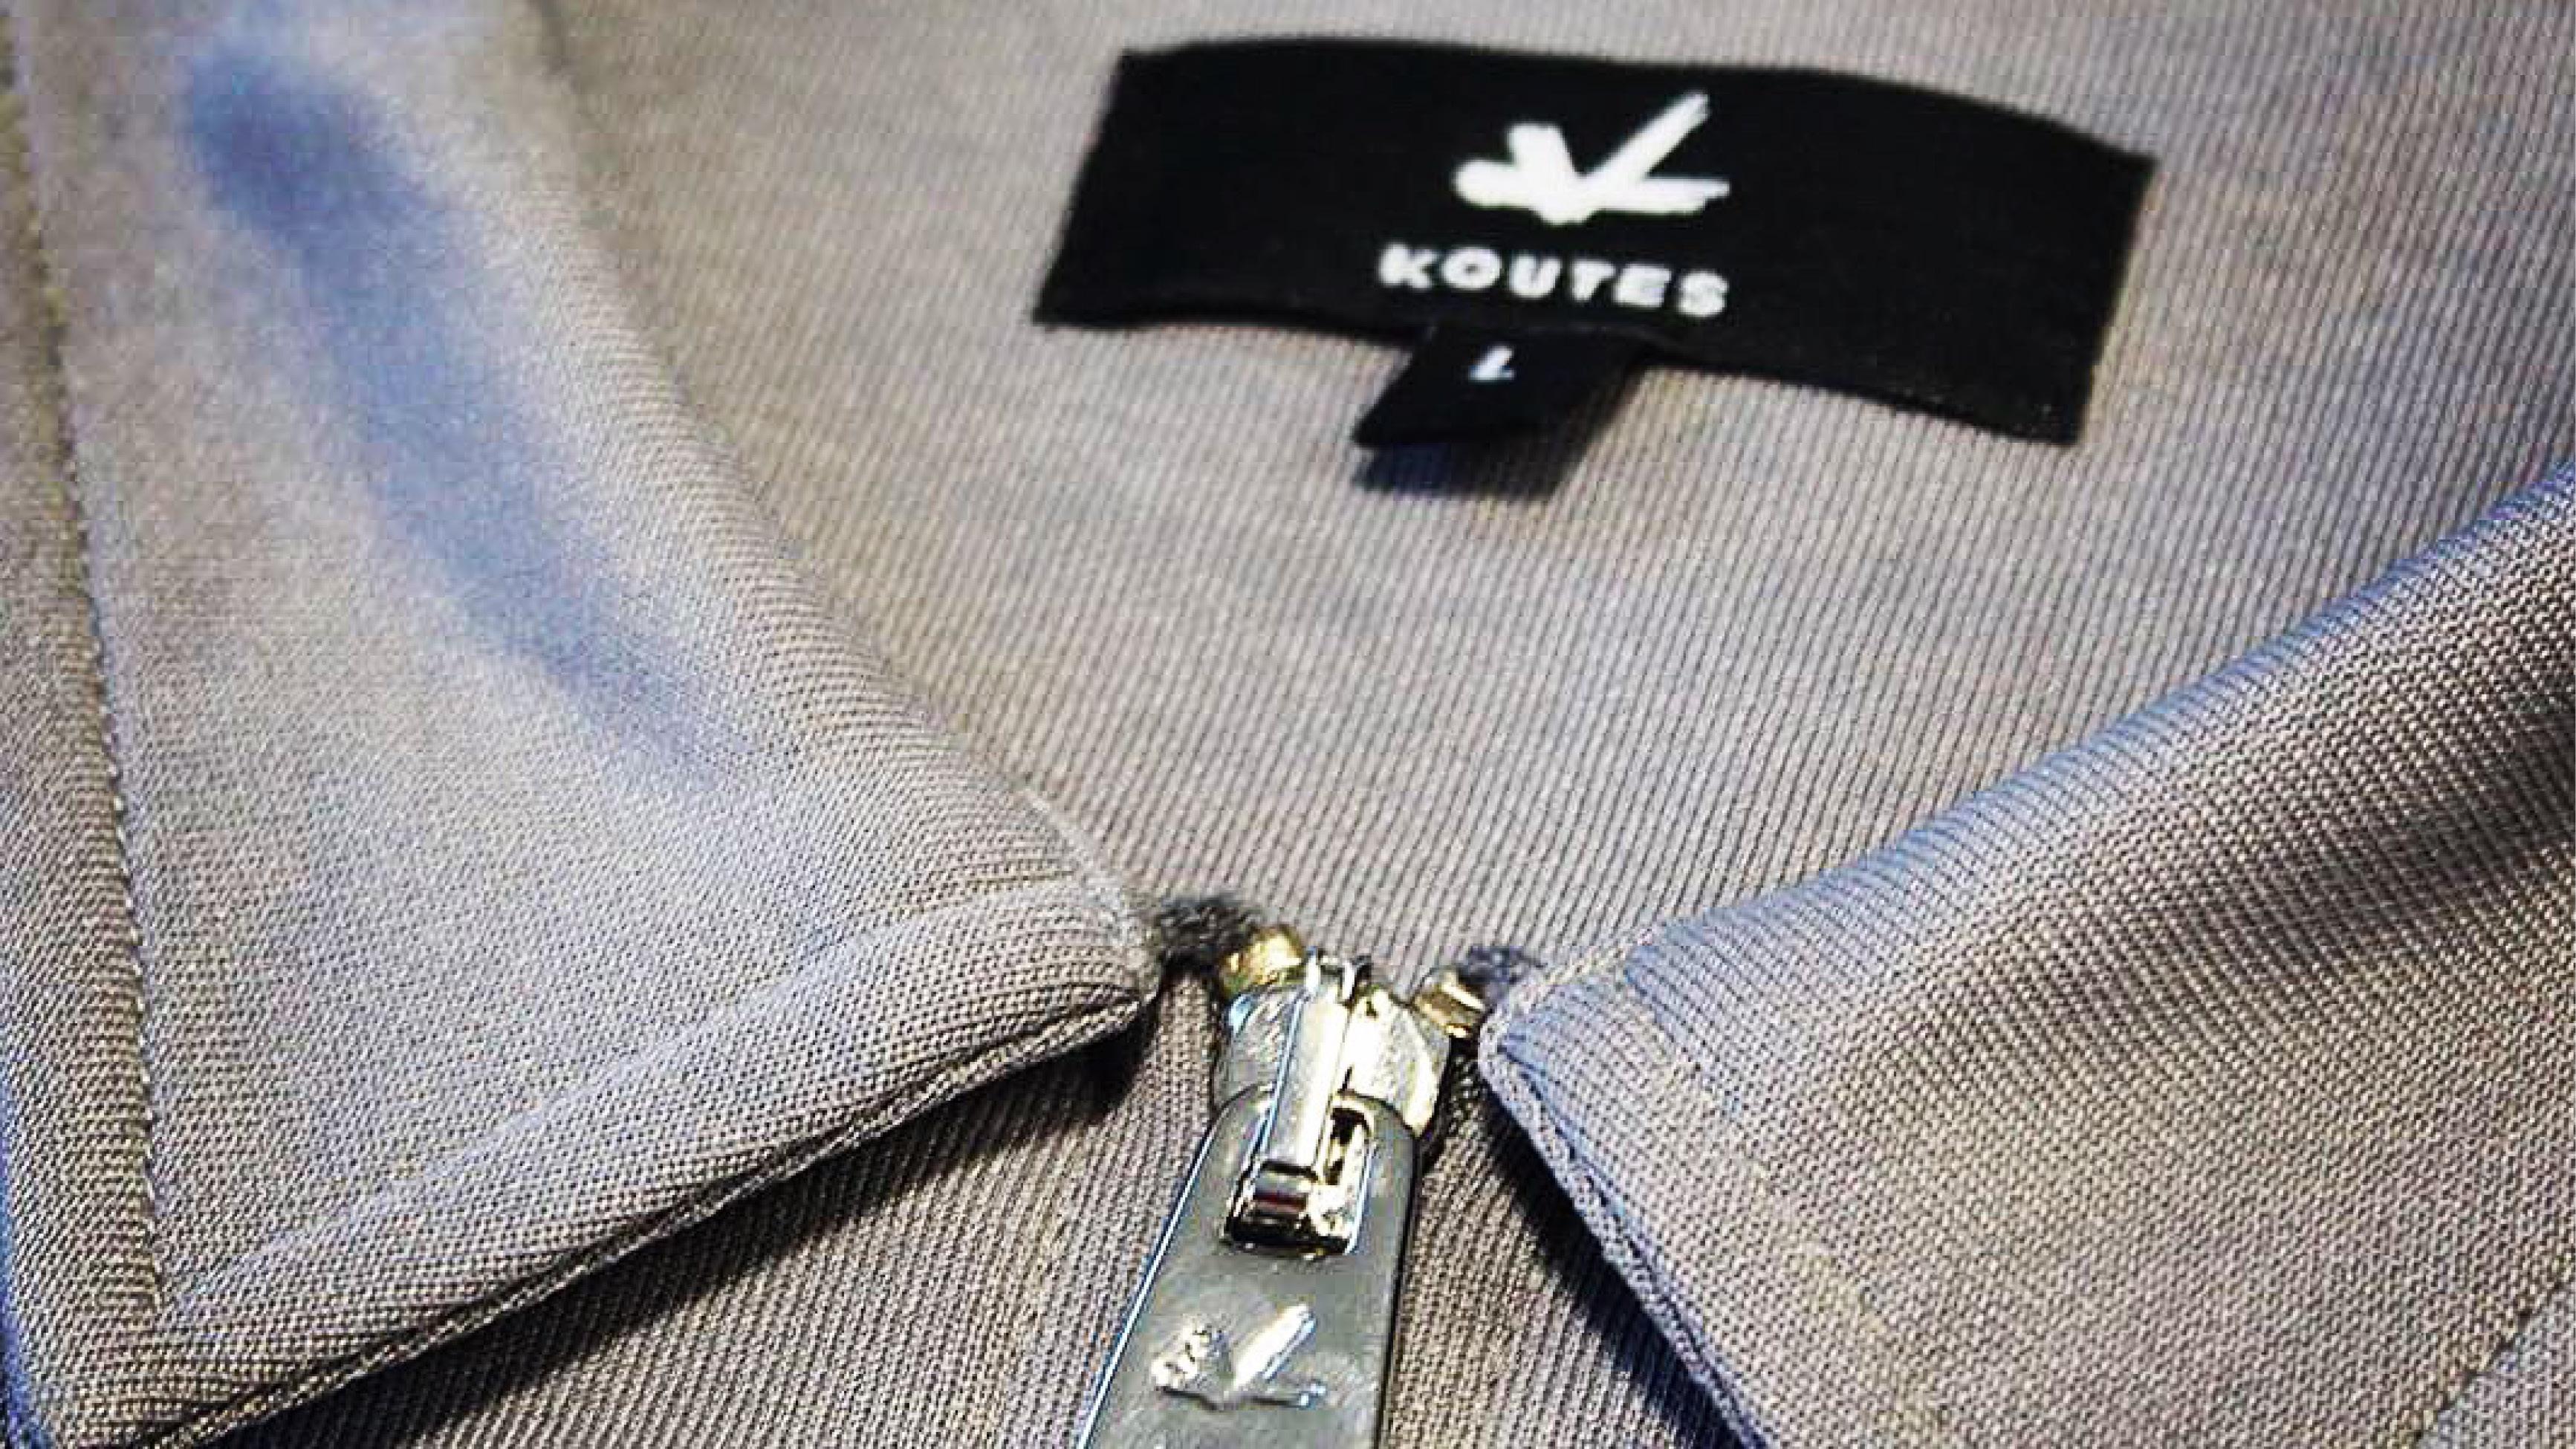 Koutes